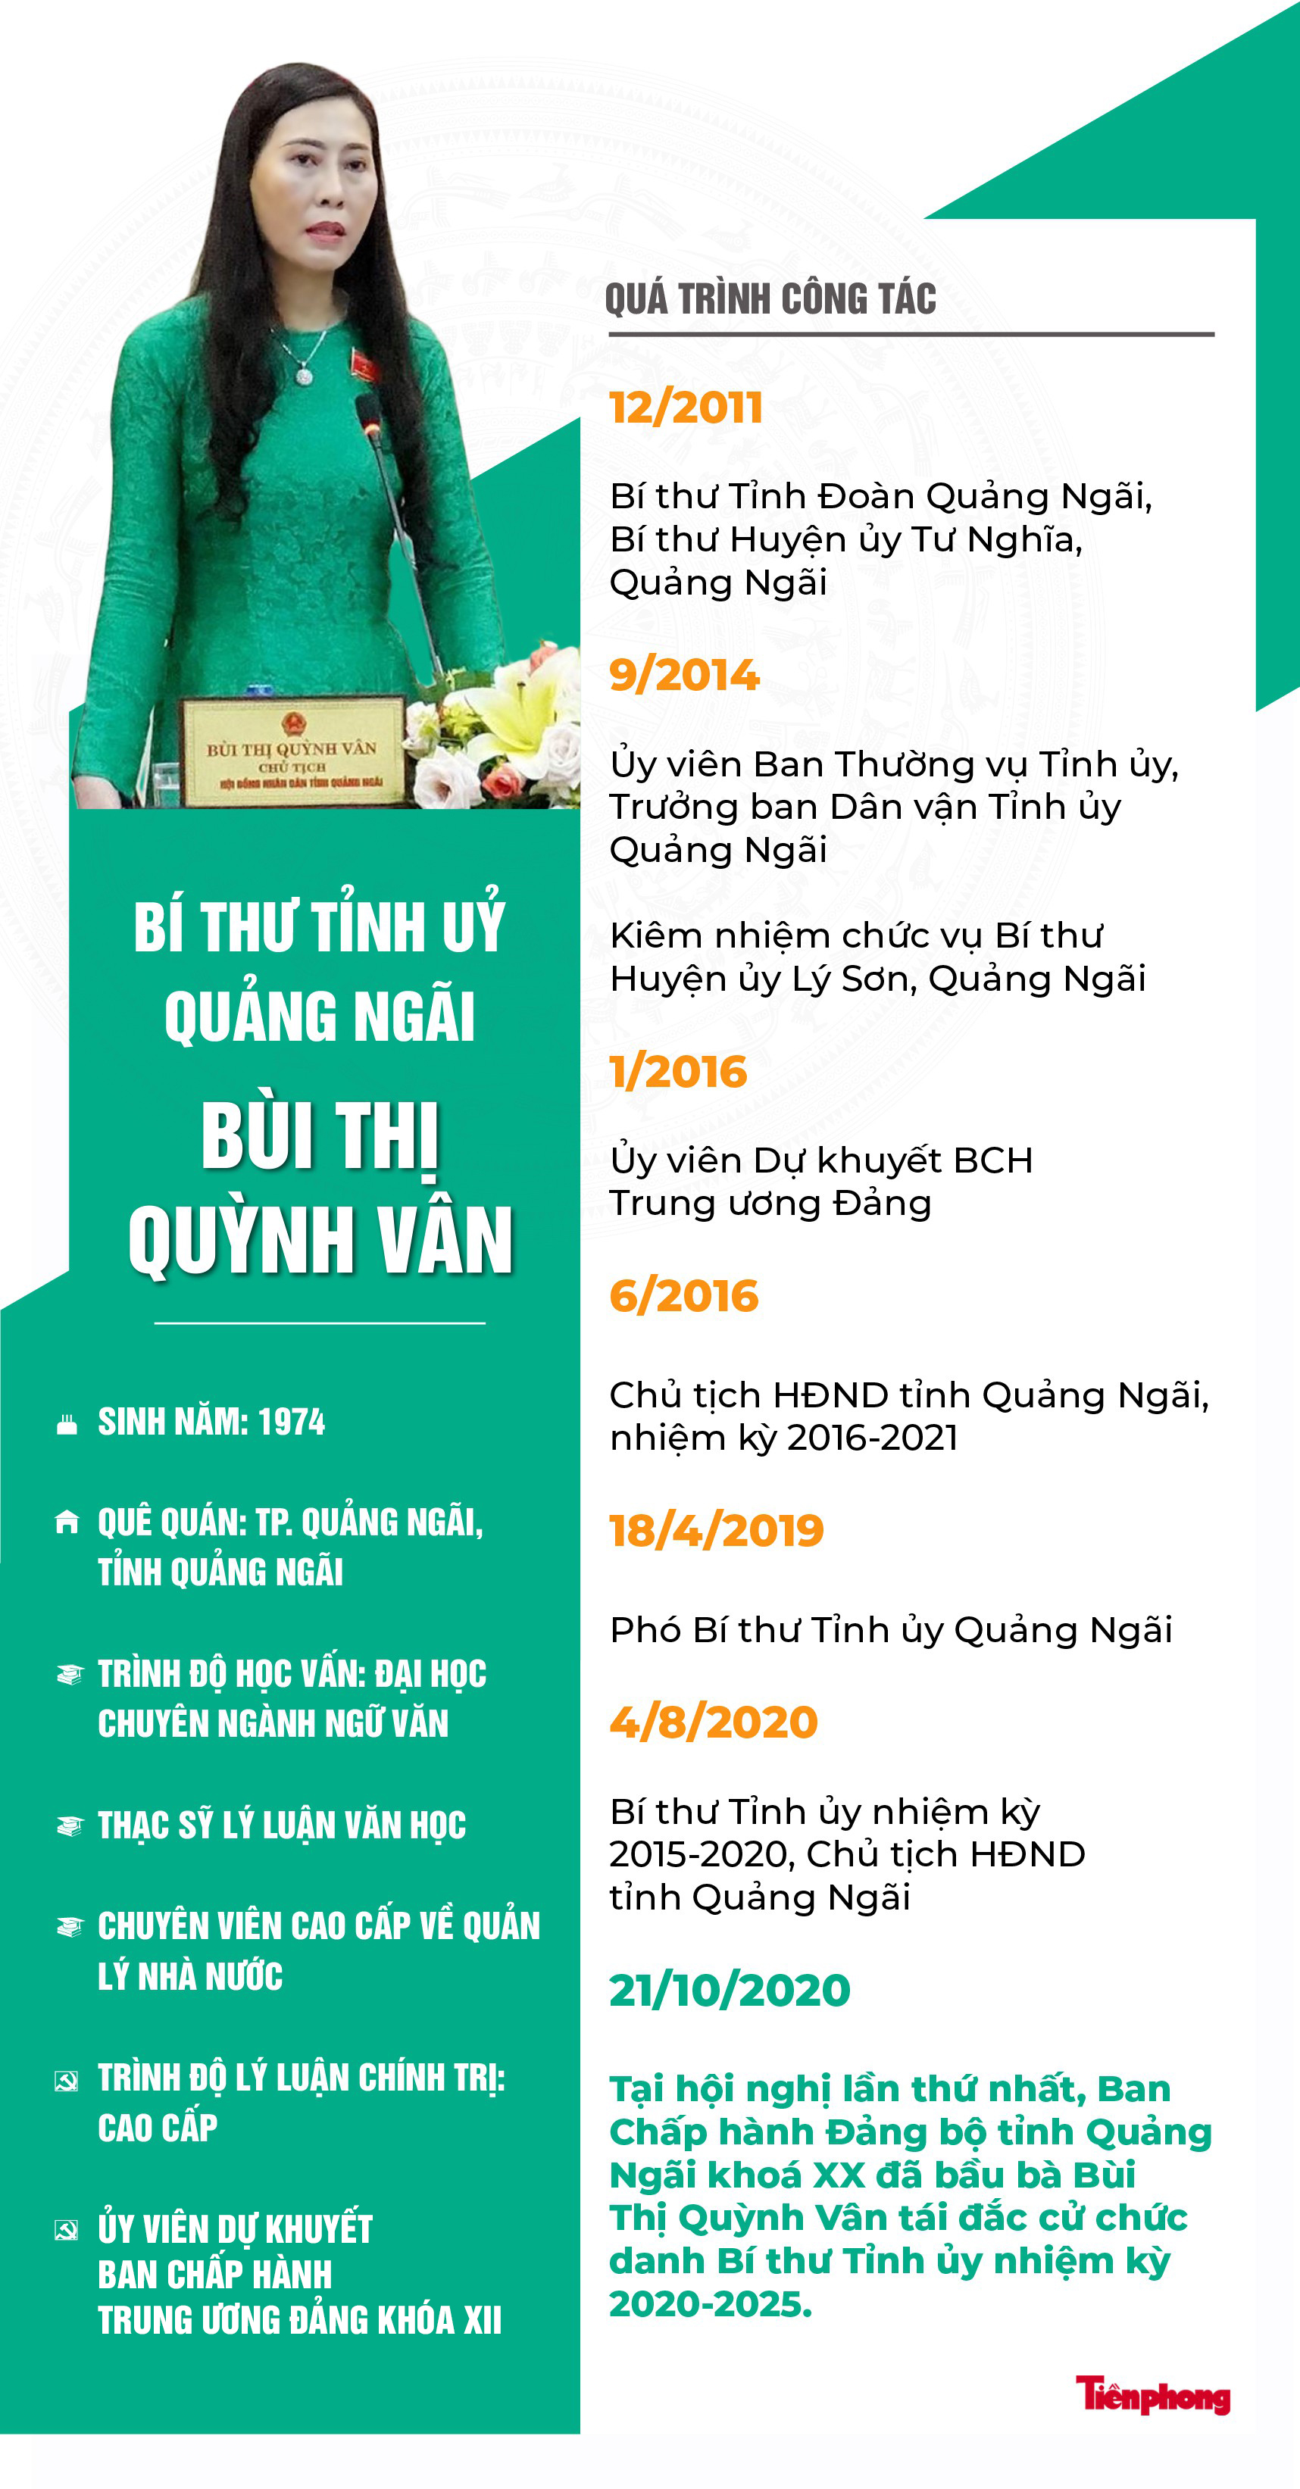 Chân dung Bí thư Tỉnh ủy Quảng Ngãi Bùi Thị Quỳnh Vân ảnh 1